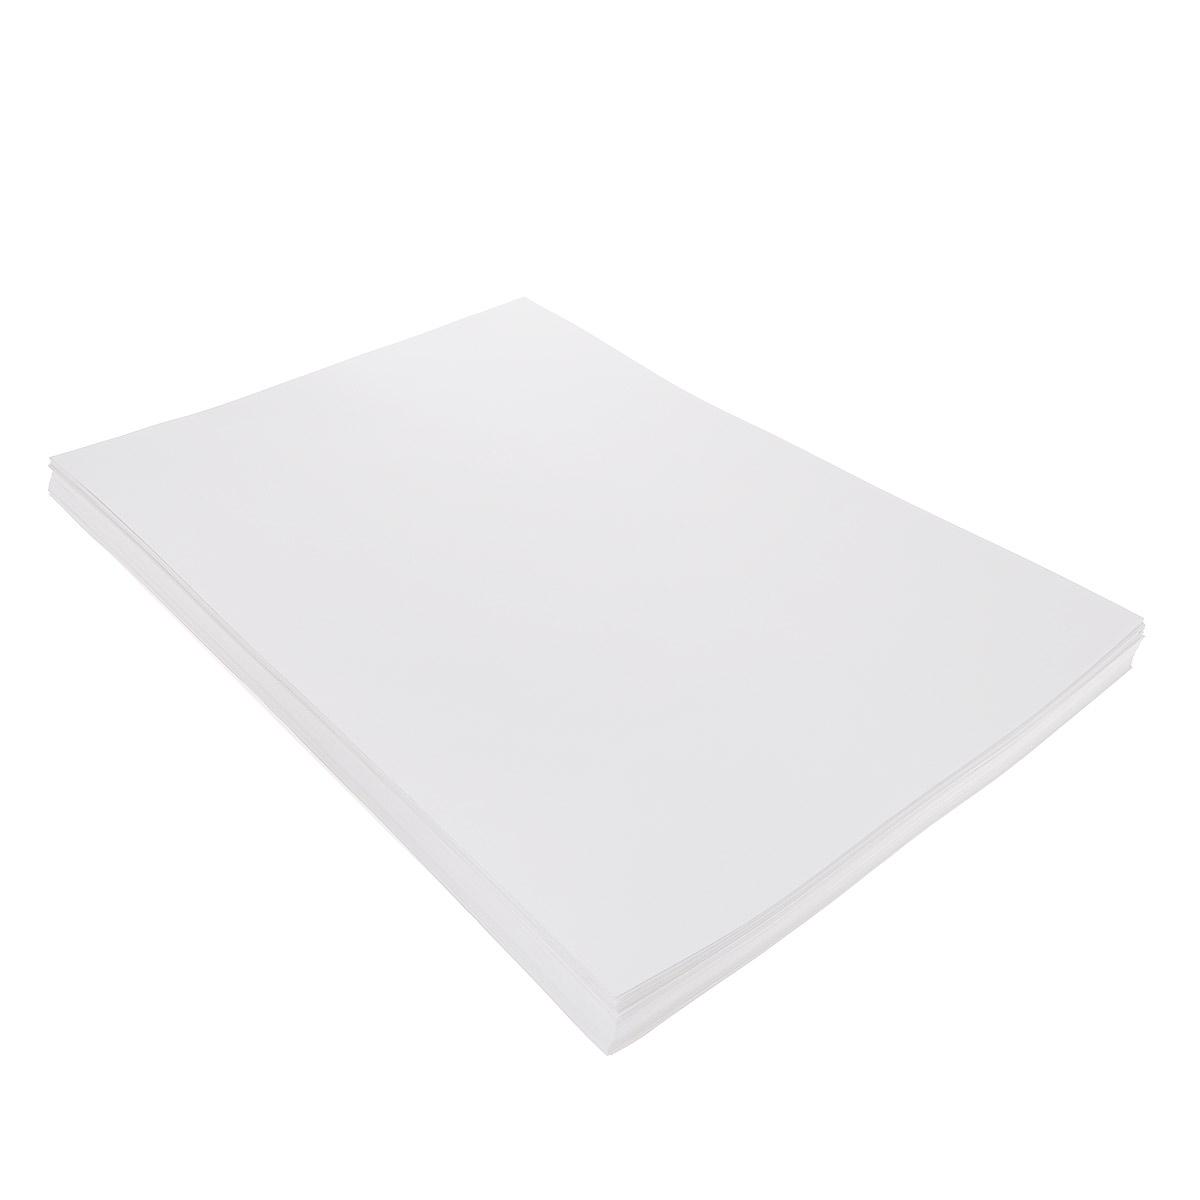 Бумага для черчения  Гознак , 100 листов, формат А2. 001-0140 -  Бумага и картон